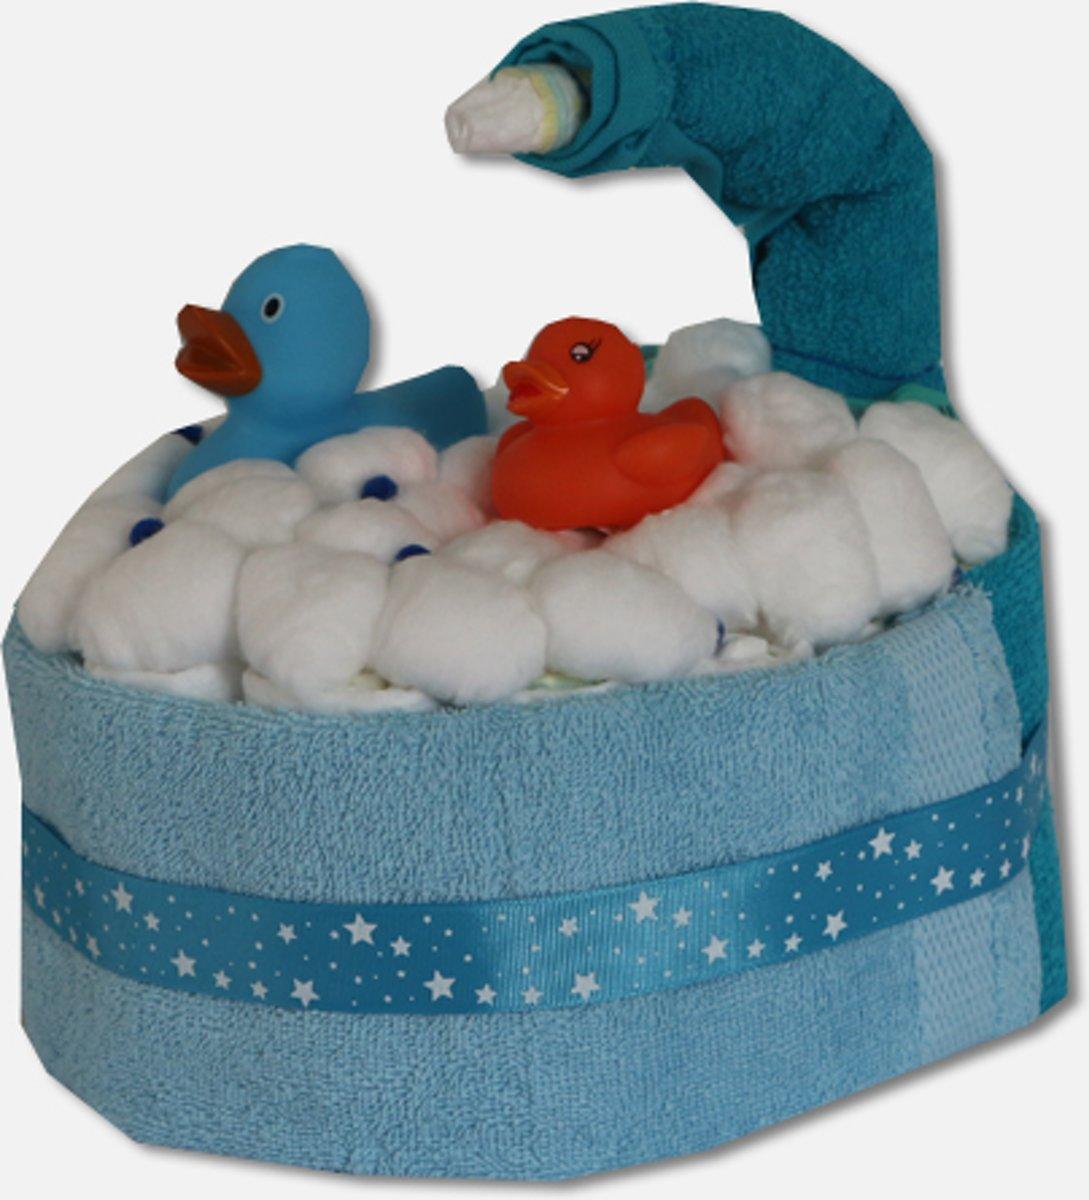 Badje Blauw - Luiertaart kopen